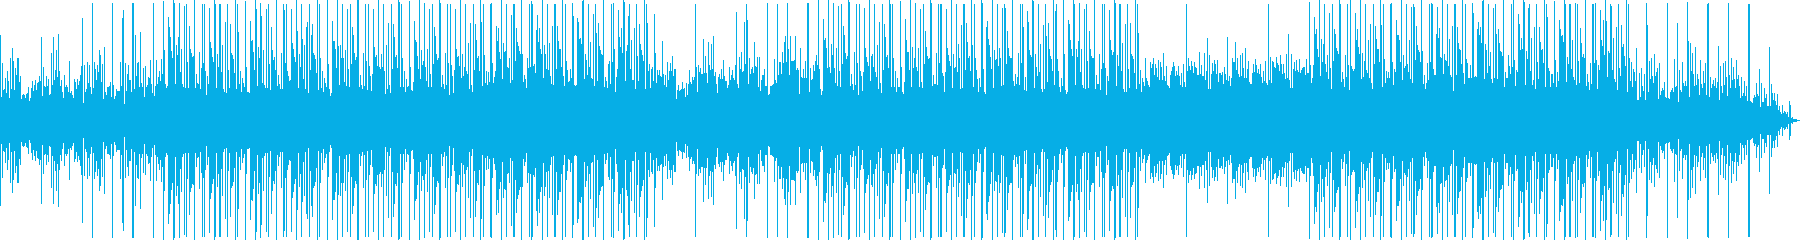 近代的 Synth Wave LoFi の再生済みの波形